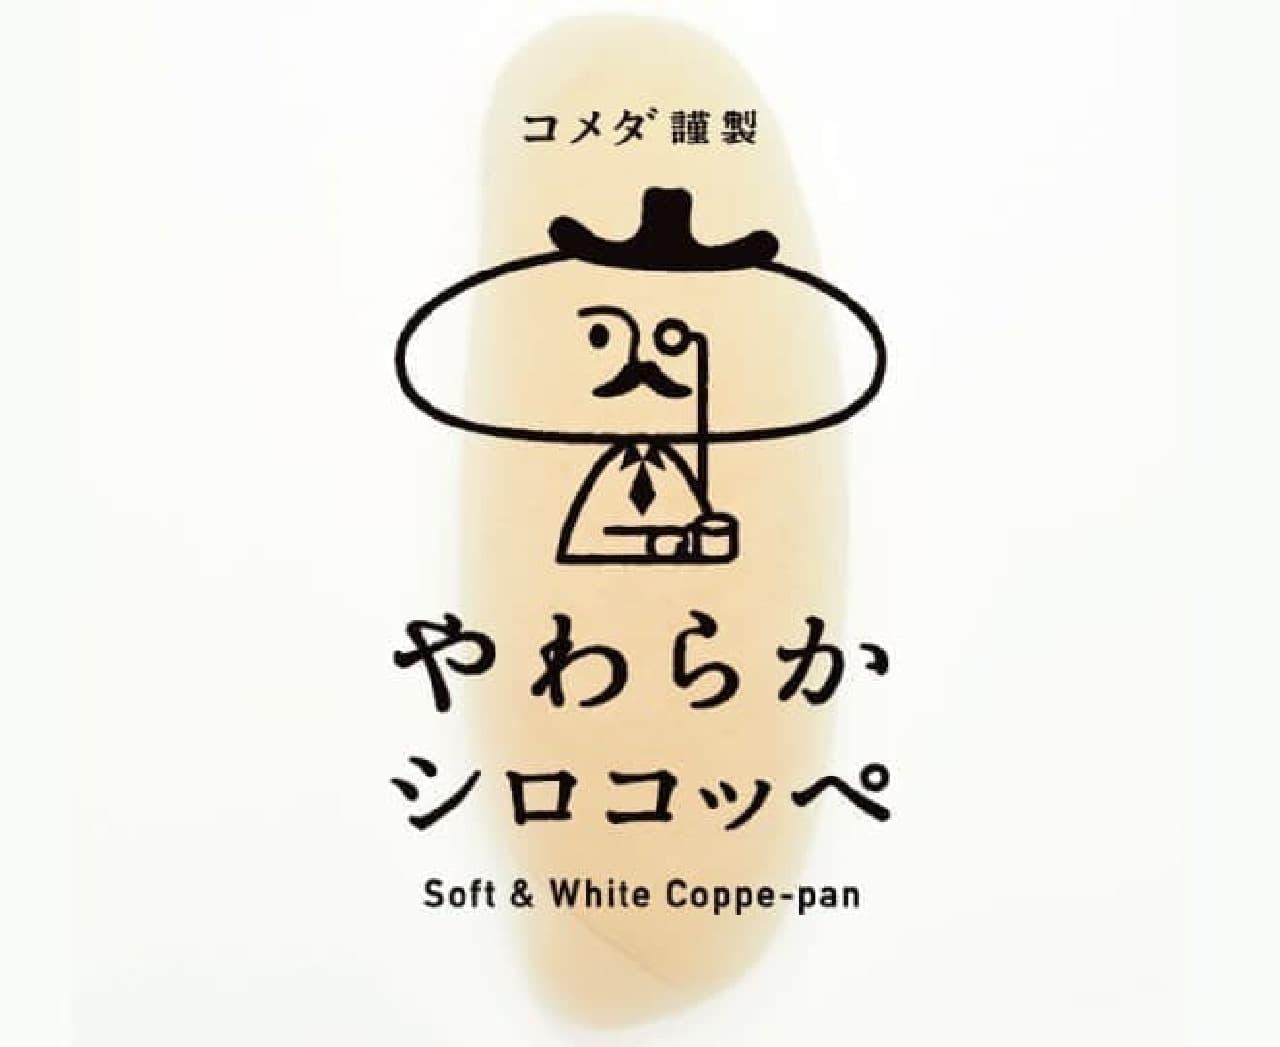 コメダのコッペパン専門店「コメダ謹製『やわらかシロコッペ』」